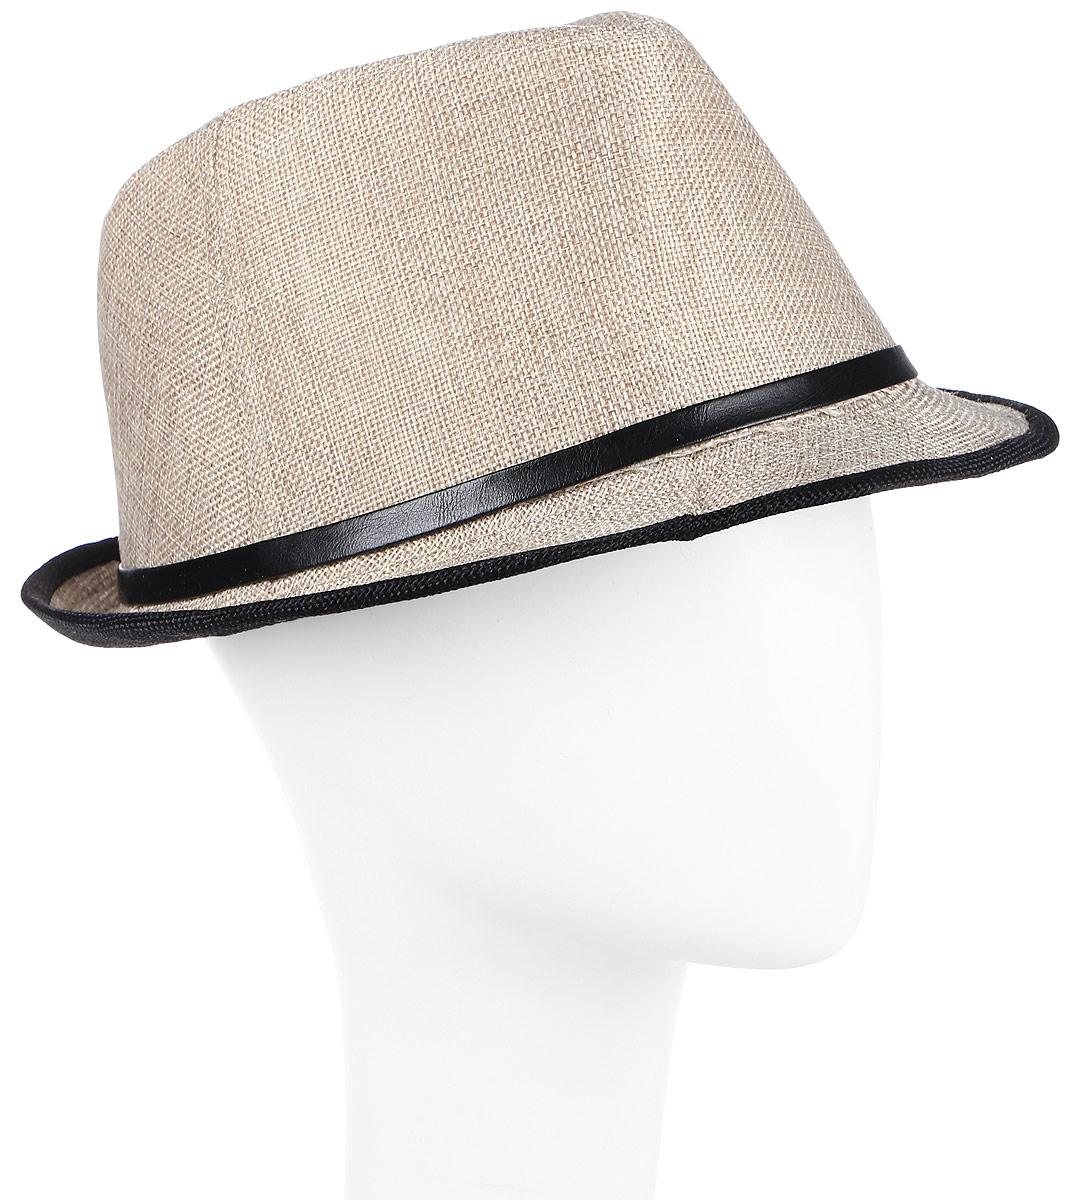 ШляпаHtY131013Модная молодежная шляпа